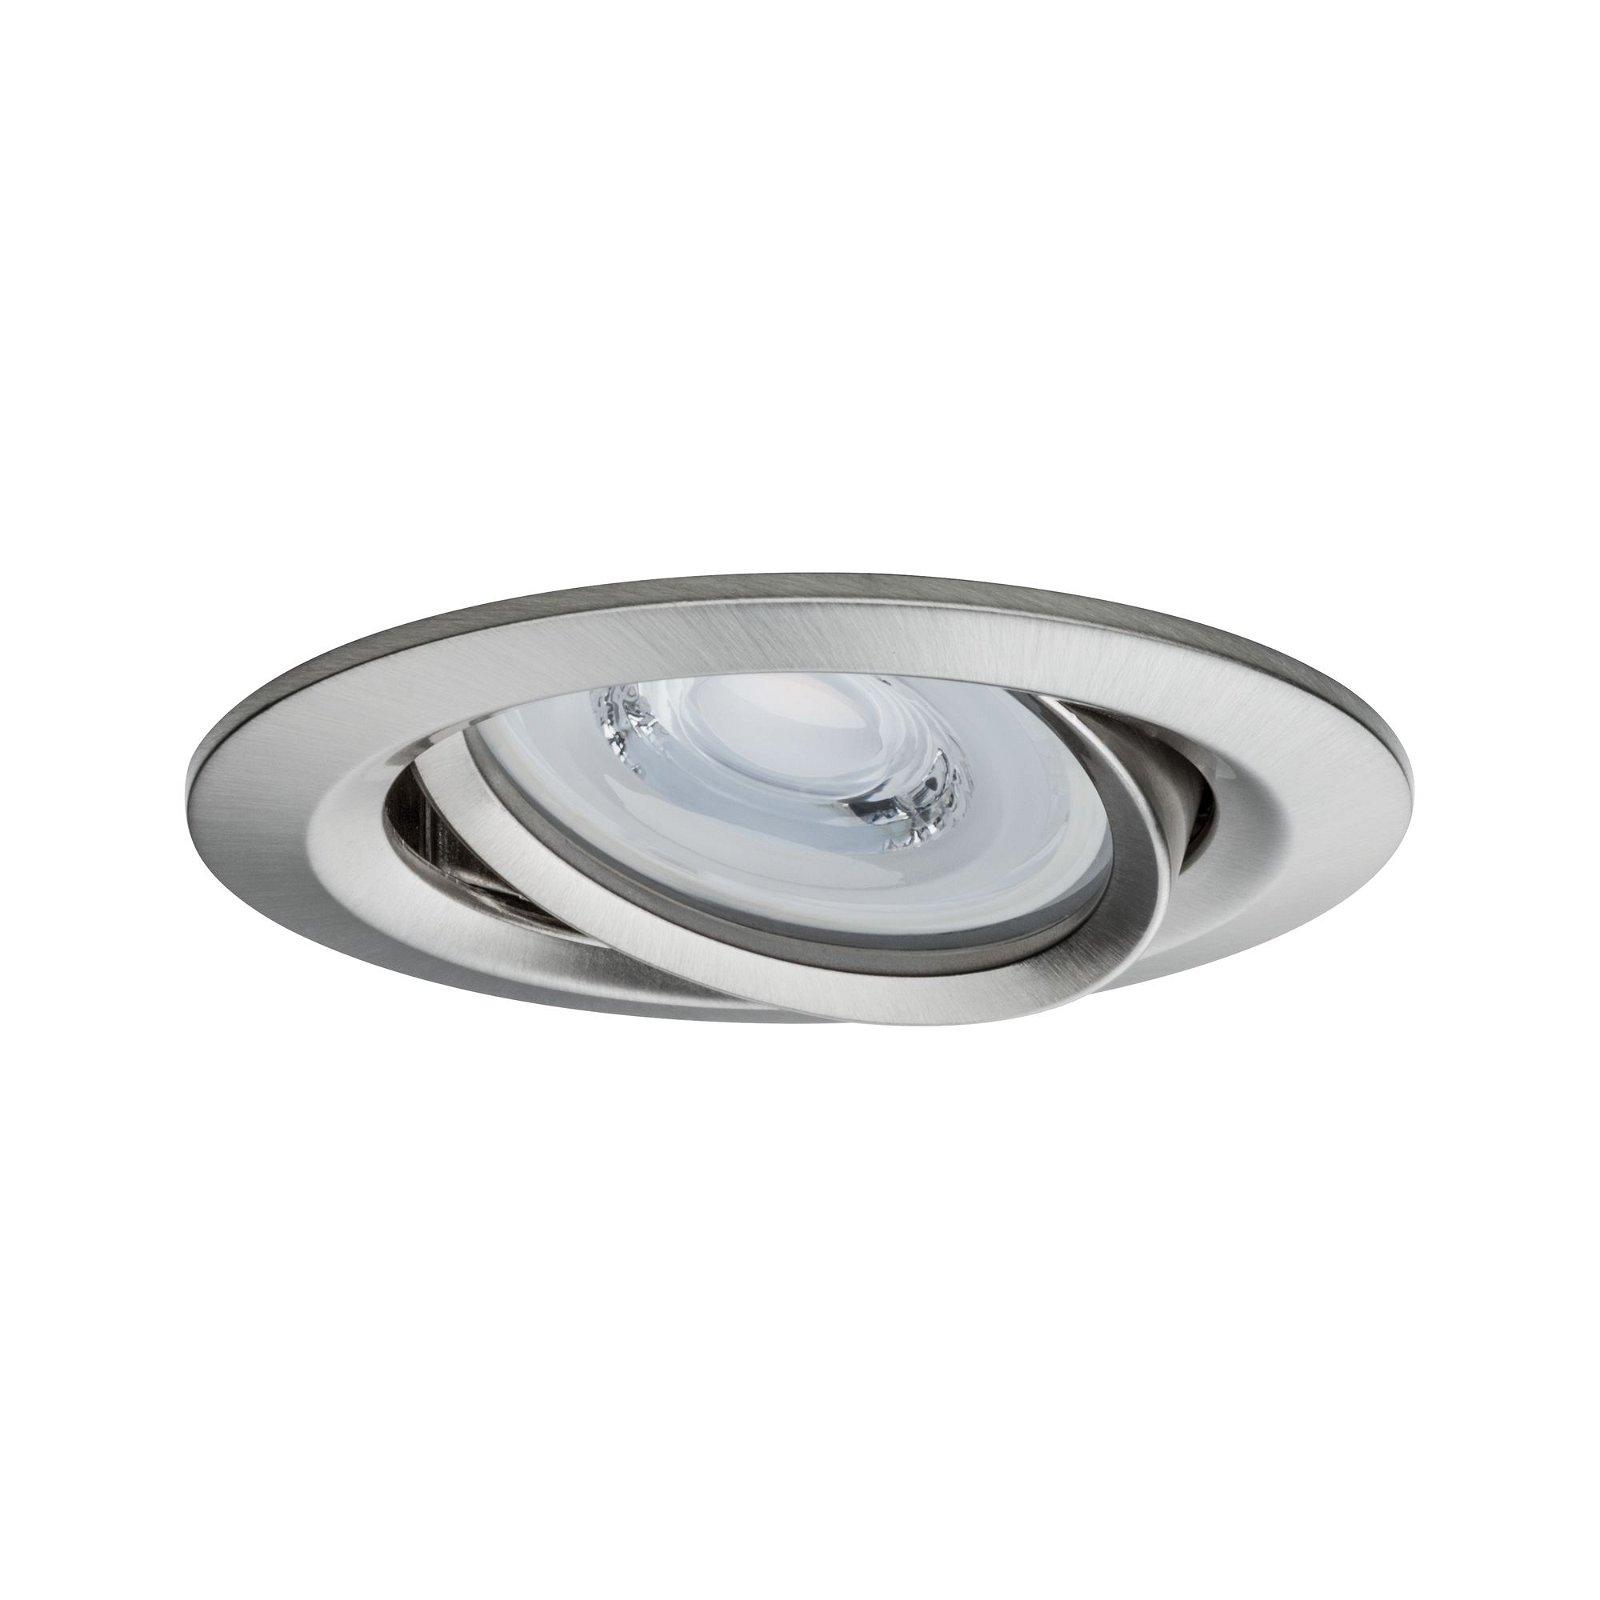 Premium LED Einbauleuchte Coin Basisset schwenkbar rund 84mm 50° Coin 3x6,8W 3x463lm 230V 2700K Eisen gebürstet